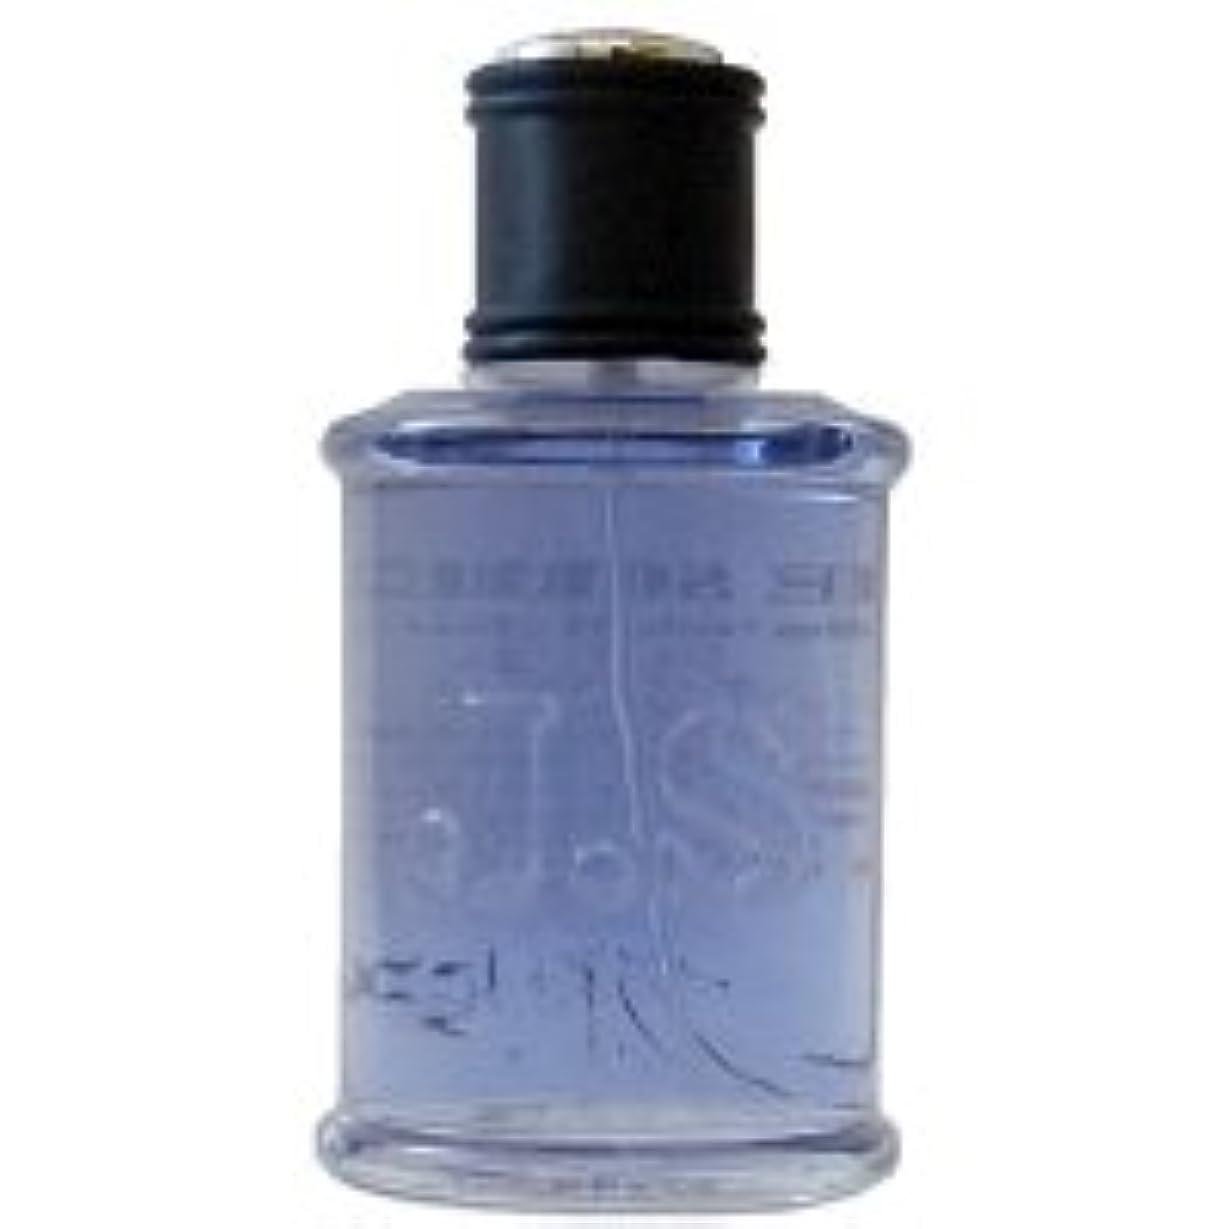 スクラップブックファランクスコードレスジャンヌアルテス 香水 J.S EDP SP 100ml 【並行輸入品】